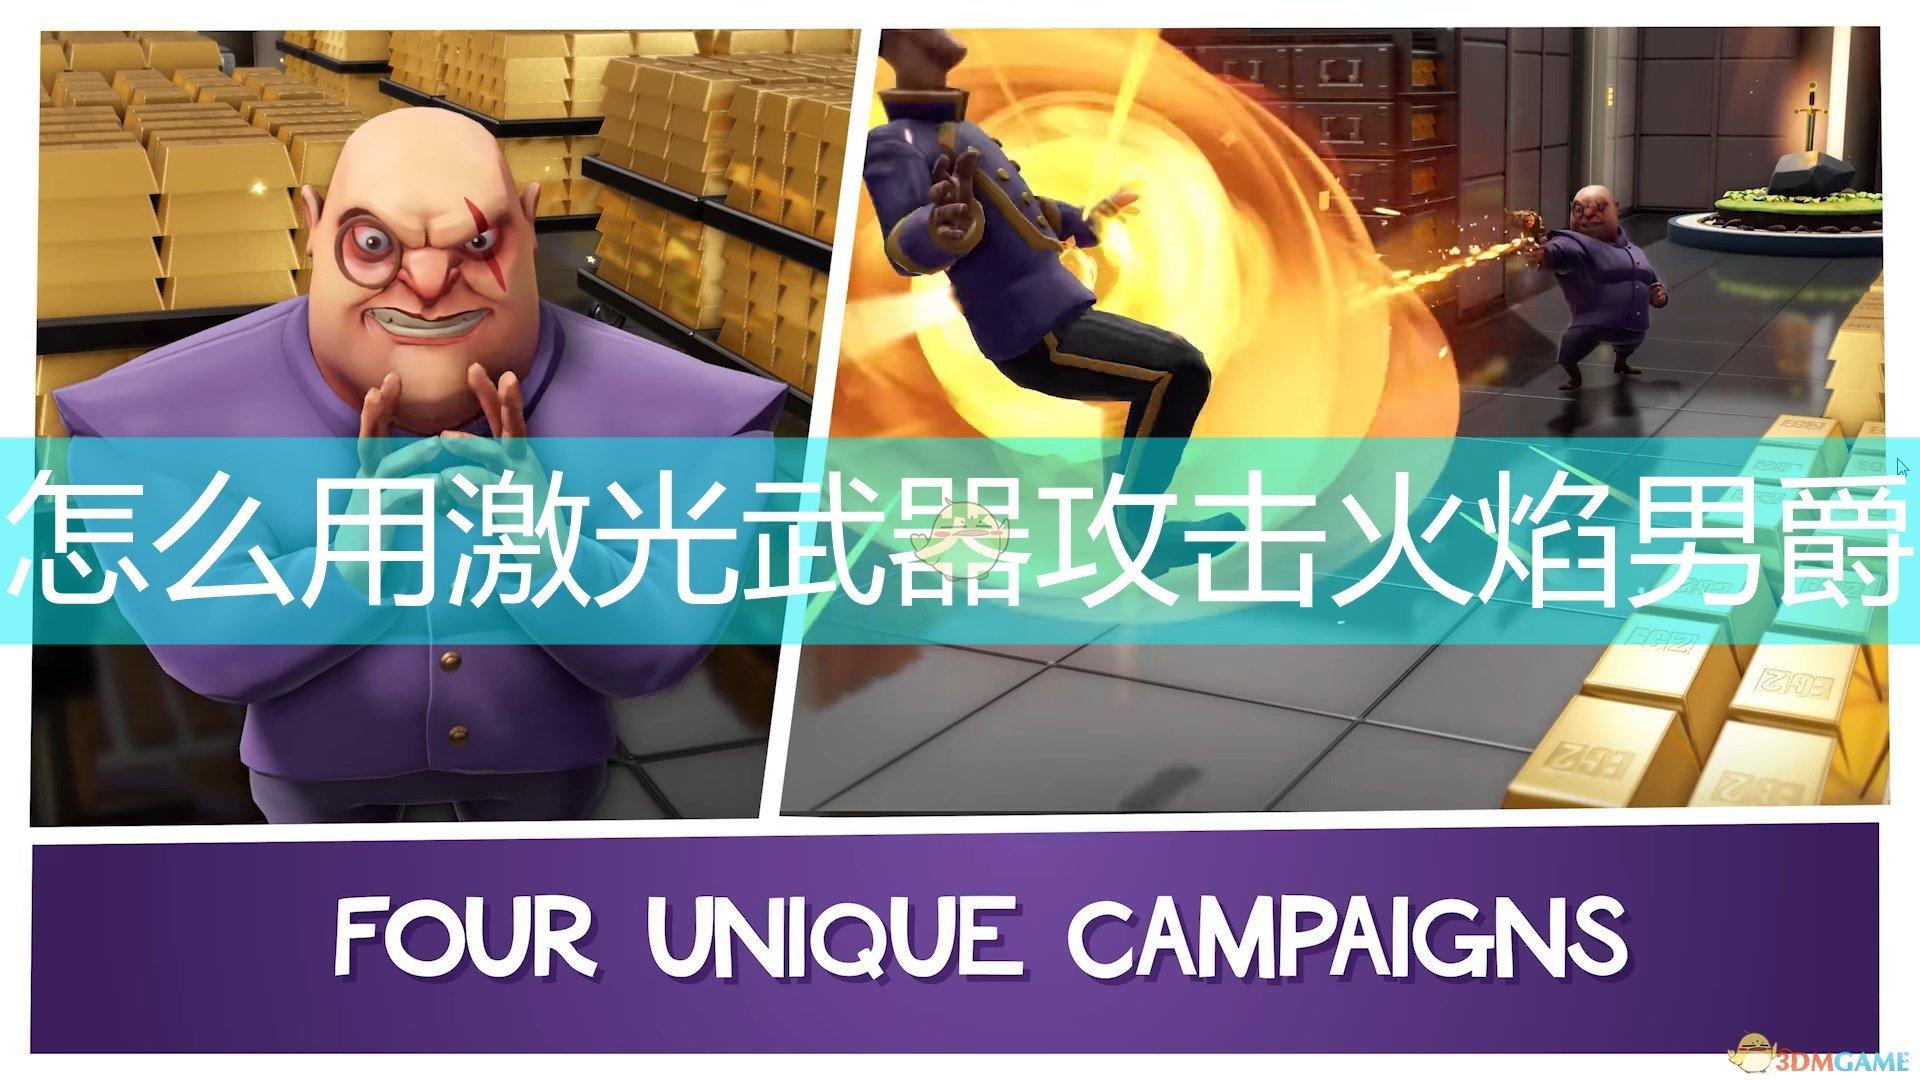 《邪恶天才2:世界统治》激光武器攻击火焰男爵方法介绍